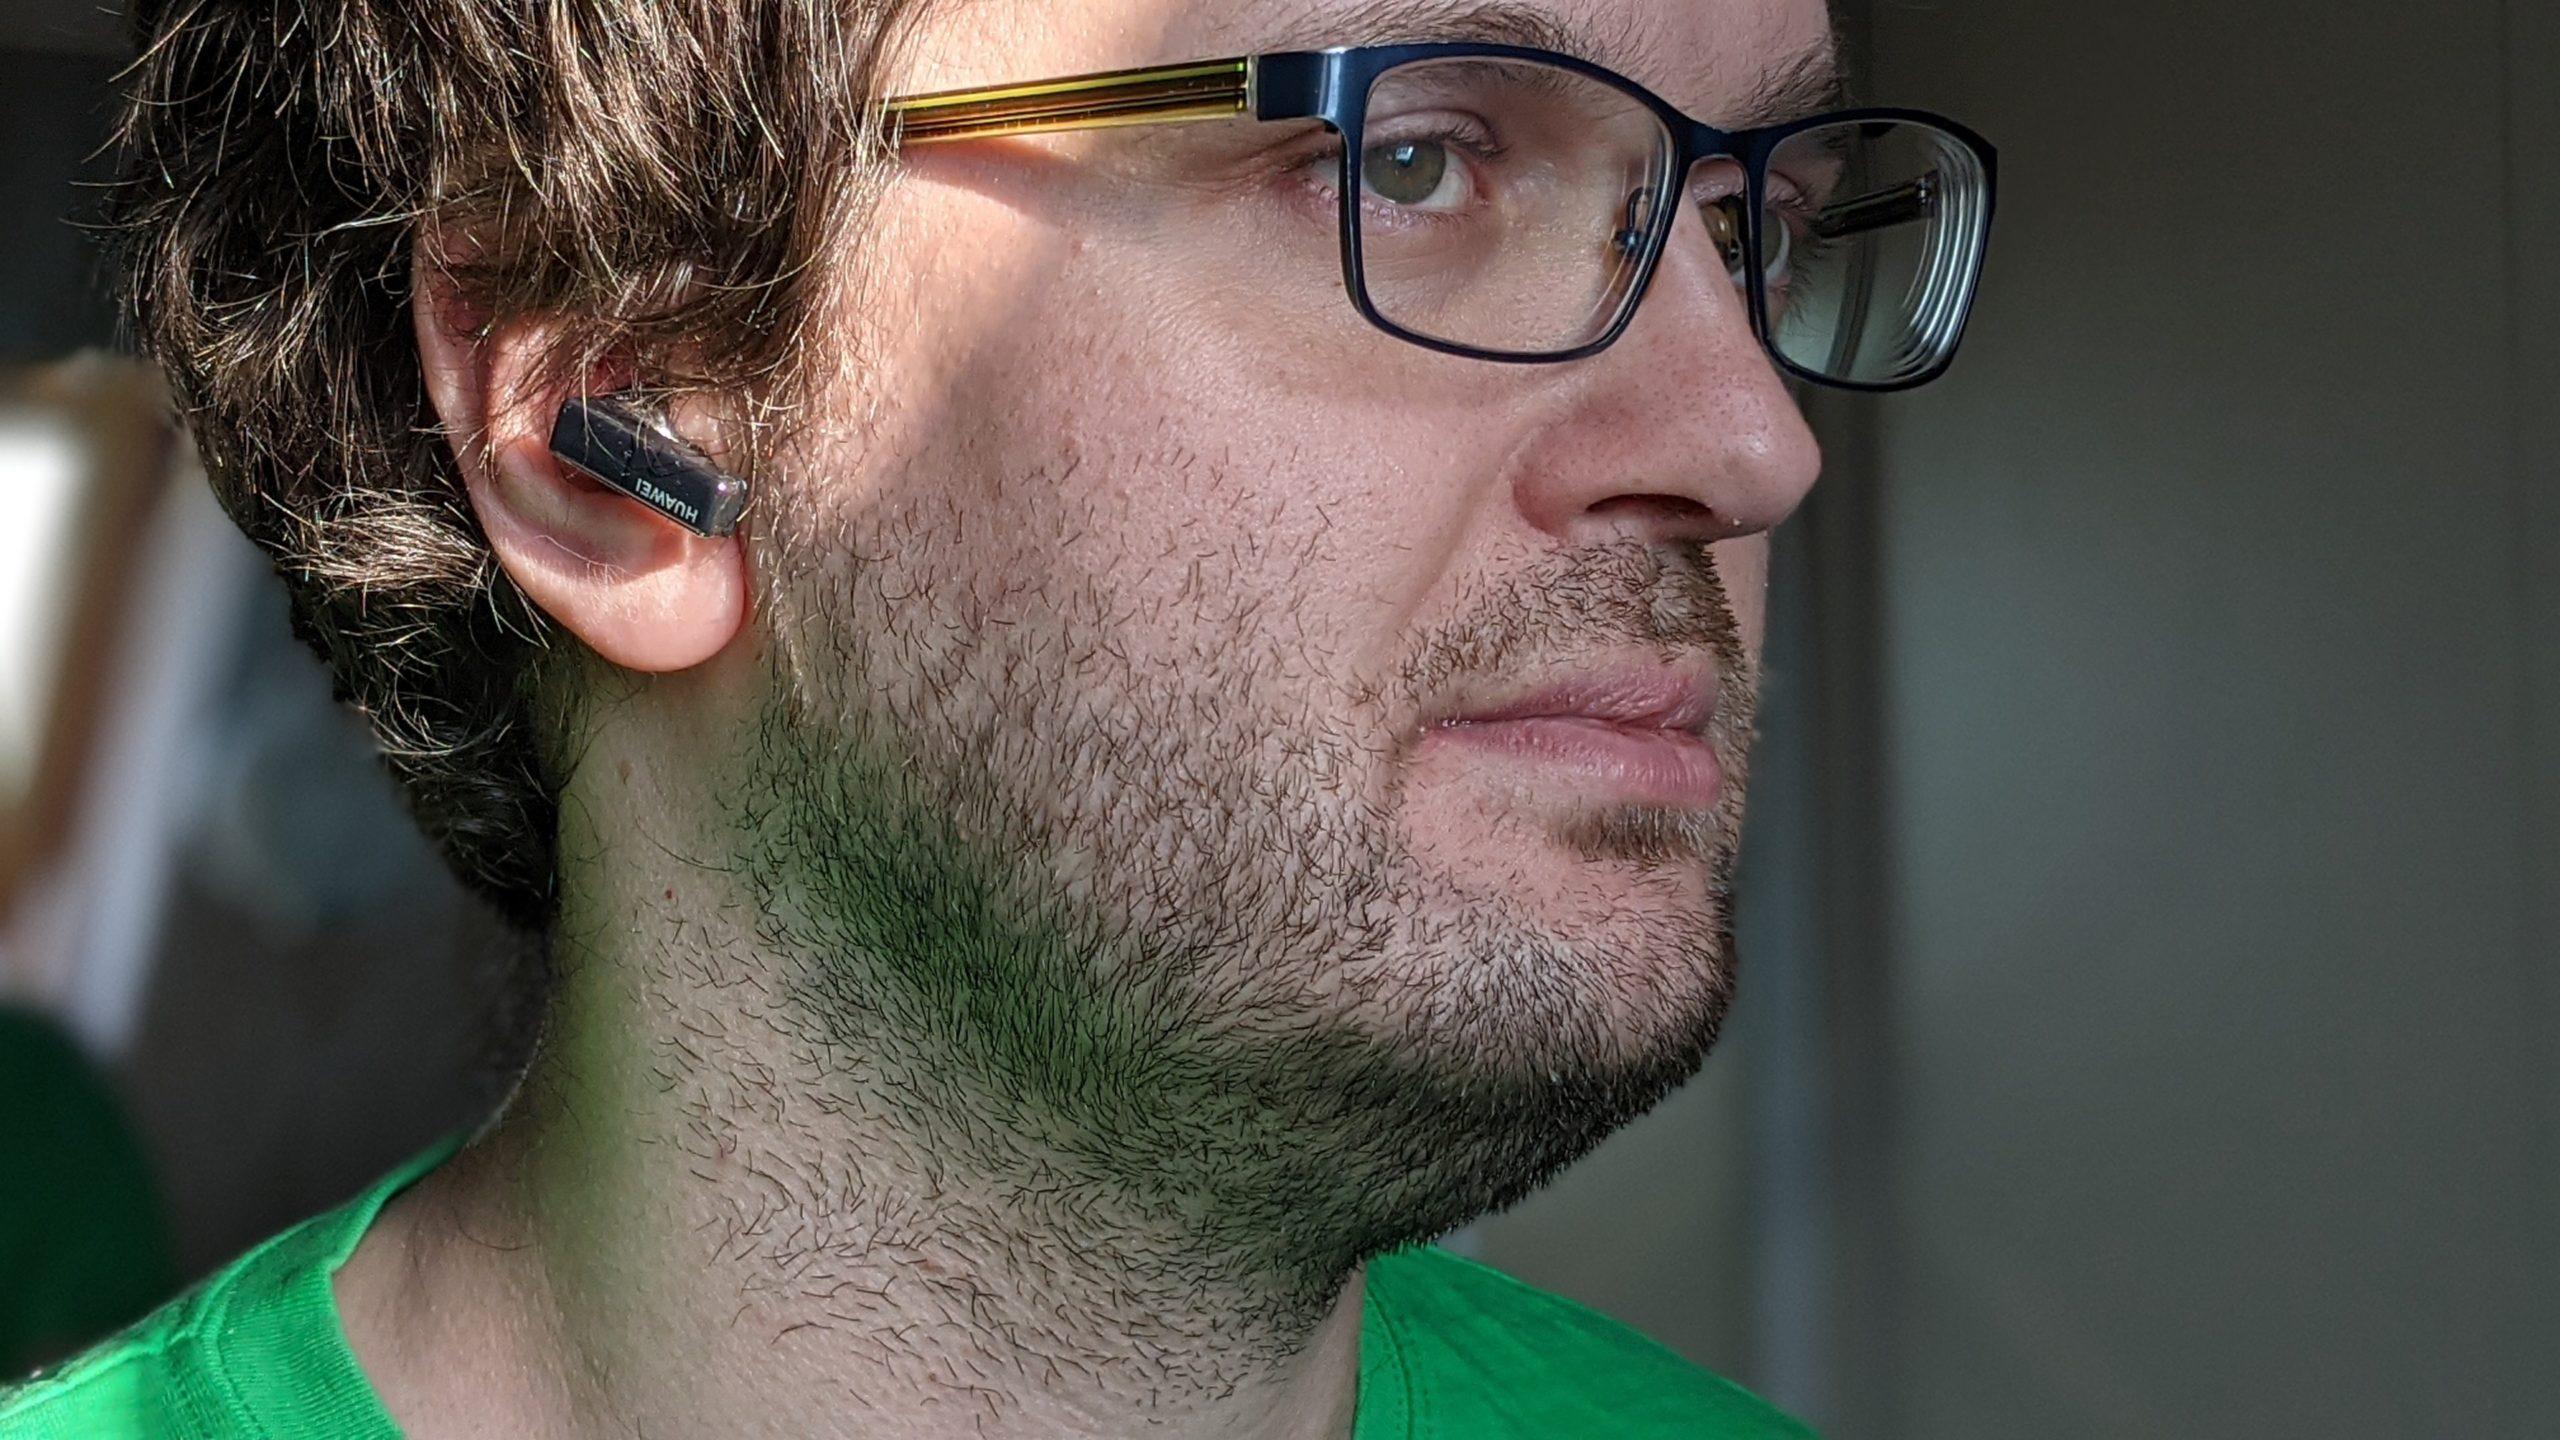 huawei freebuds pro w uchu niezbyt przystojnego chłopaka w zielonej koszulce